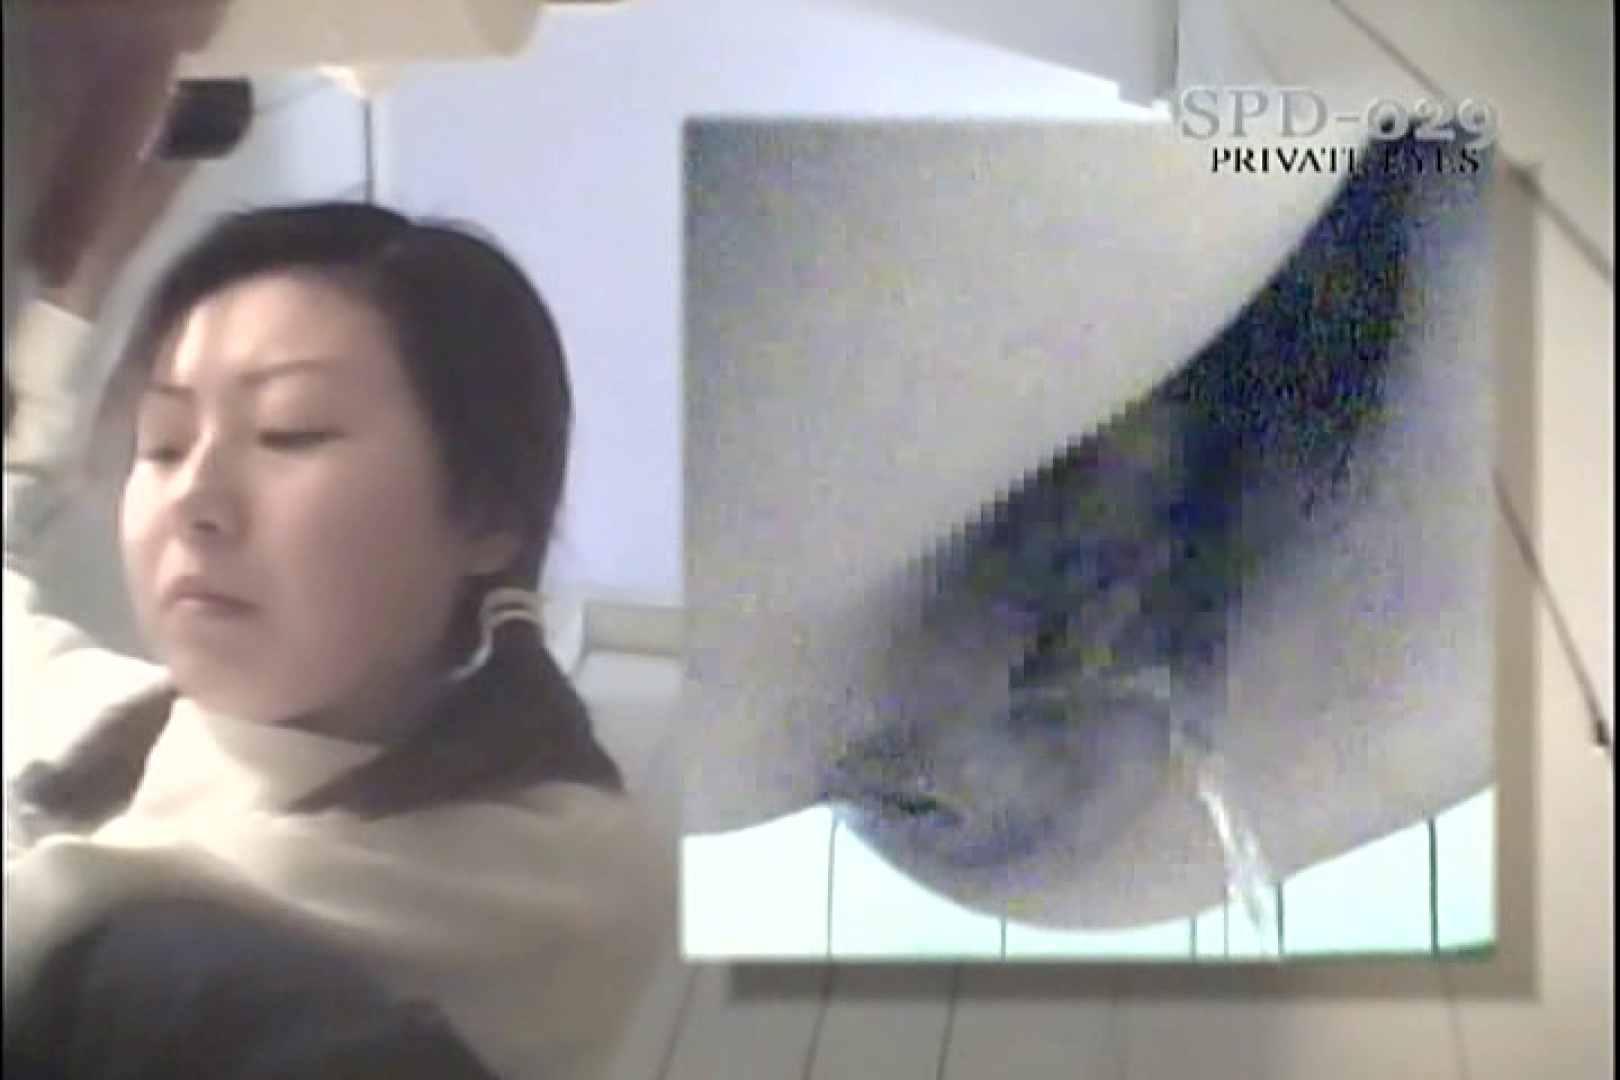 高画質版!SPD-029 和式厠 モリモリスペシャル 厠 オメコ無修正動画無料 88連発 12